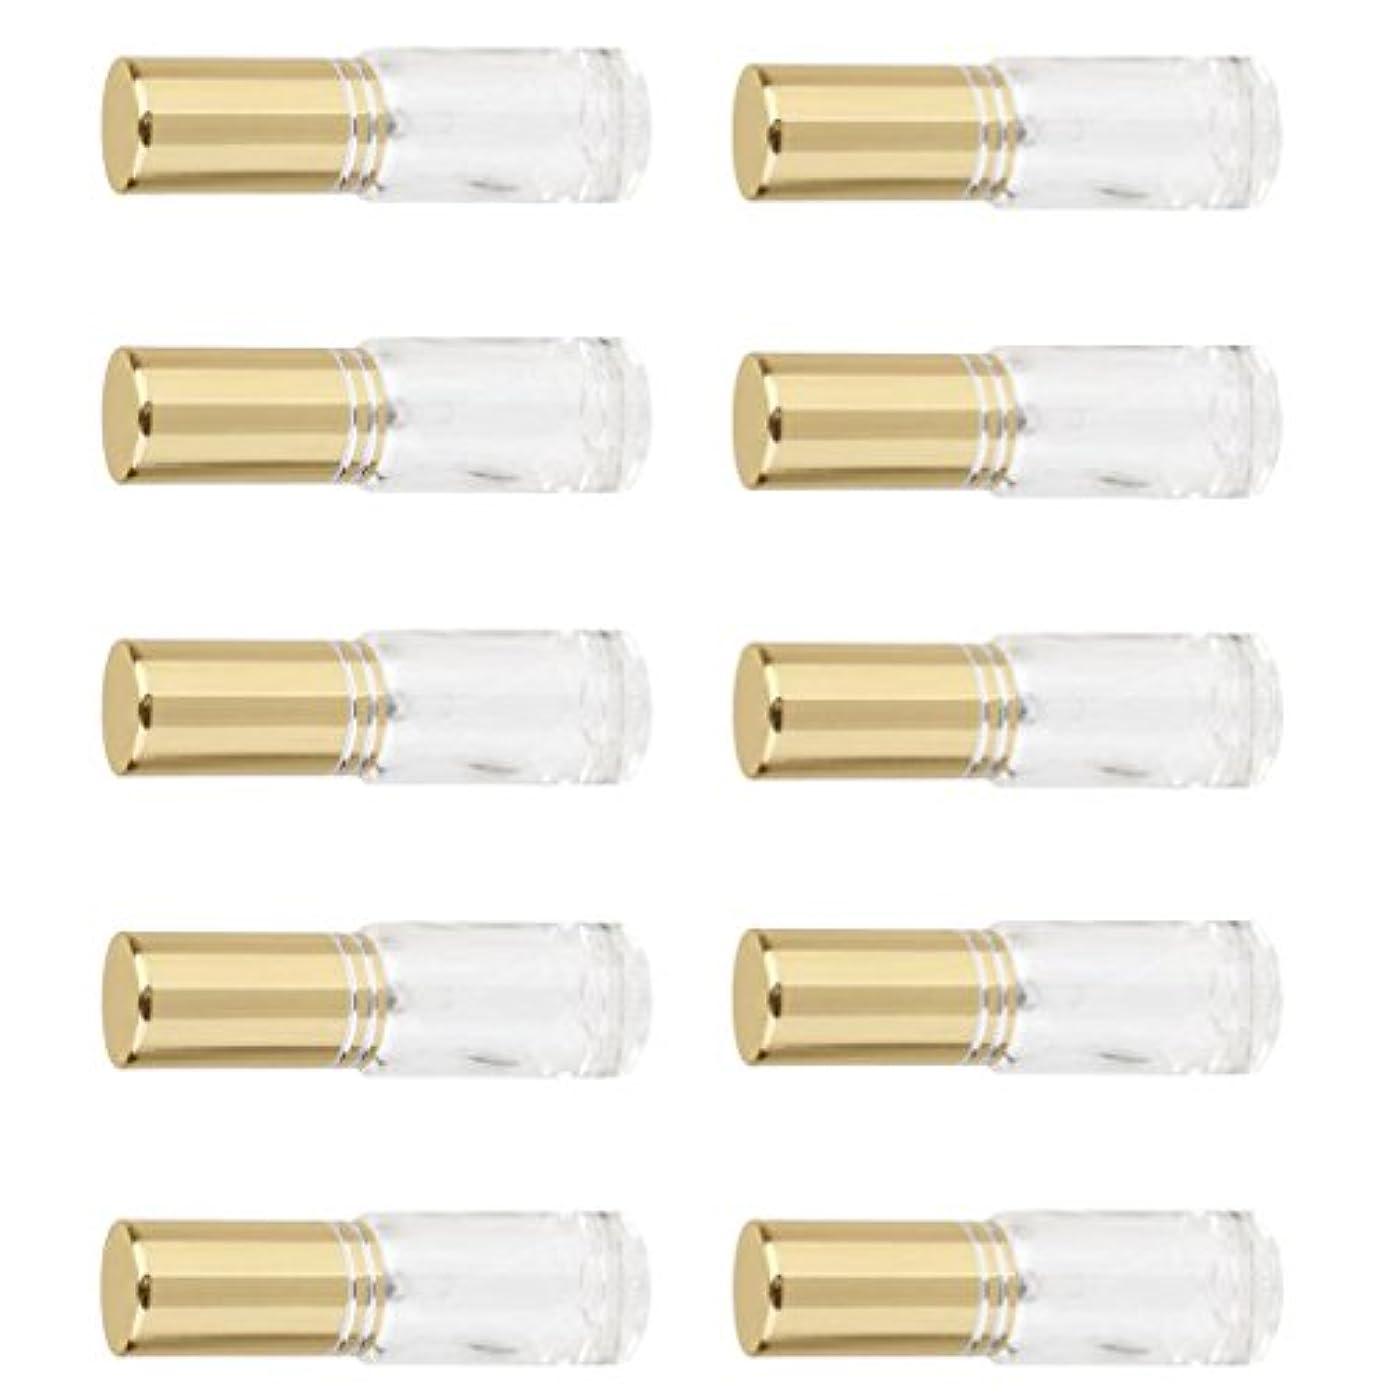 動作不快なモンク詰め替え可能 男女兼用 香水瓶 容器 ミニ ガラス 香水 アトマイザー ポンプ スプレー 10個入り